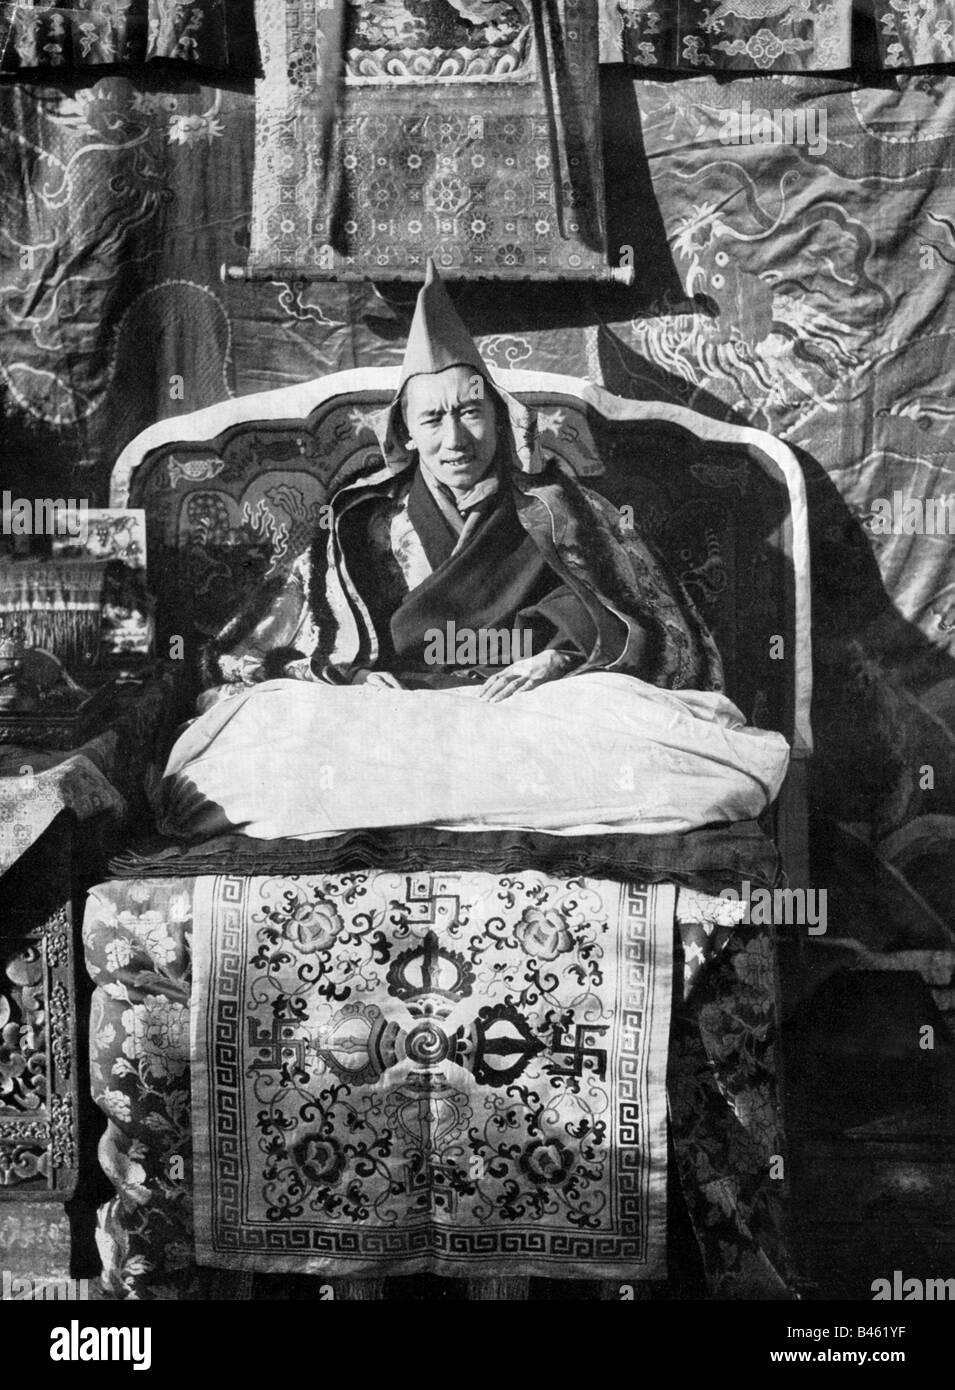 Dalai Lama 14th (Tenzin Gyatso), * 6.7.1935, Tibetan lama and politician, his representative 1933 - 1940, half length, - Stock Image